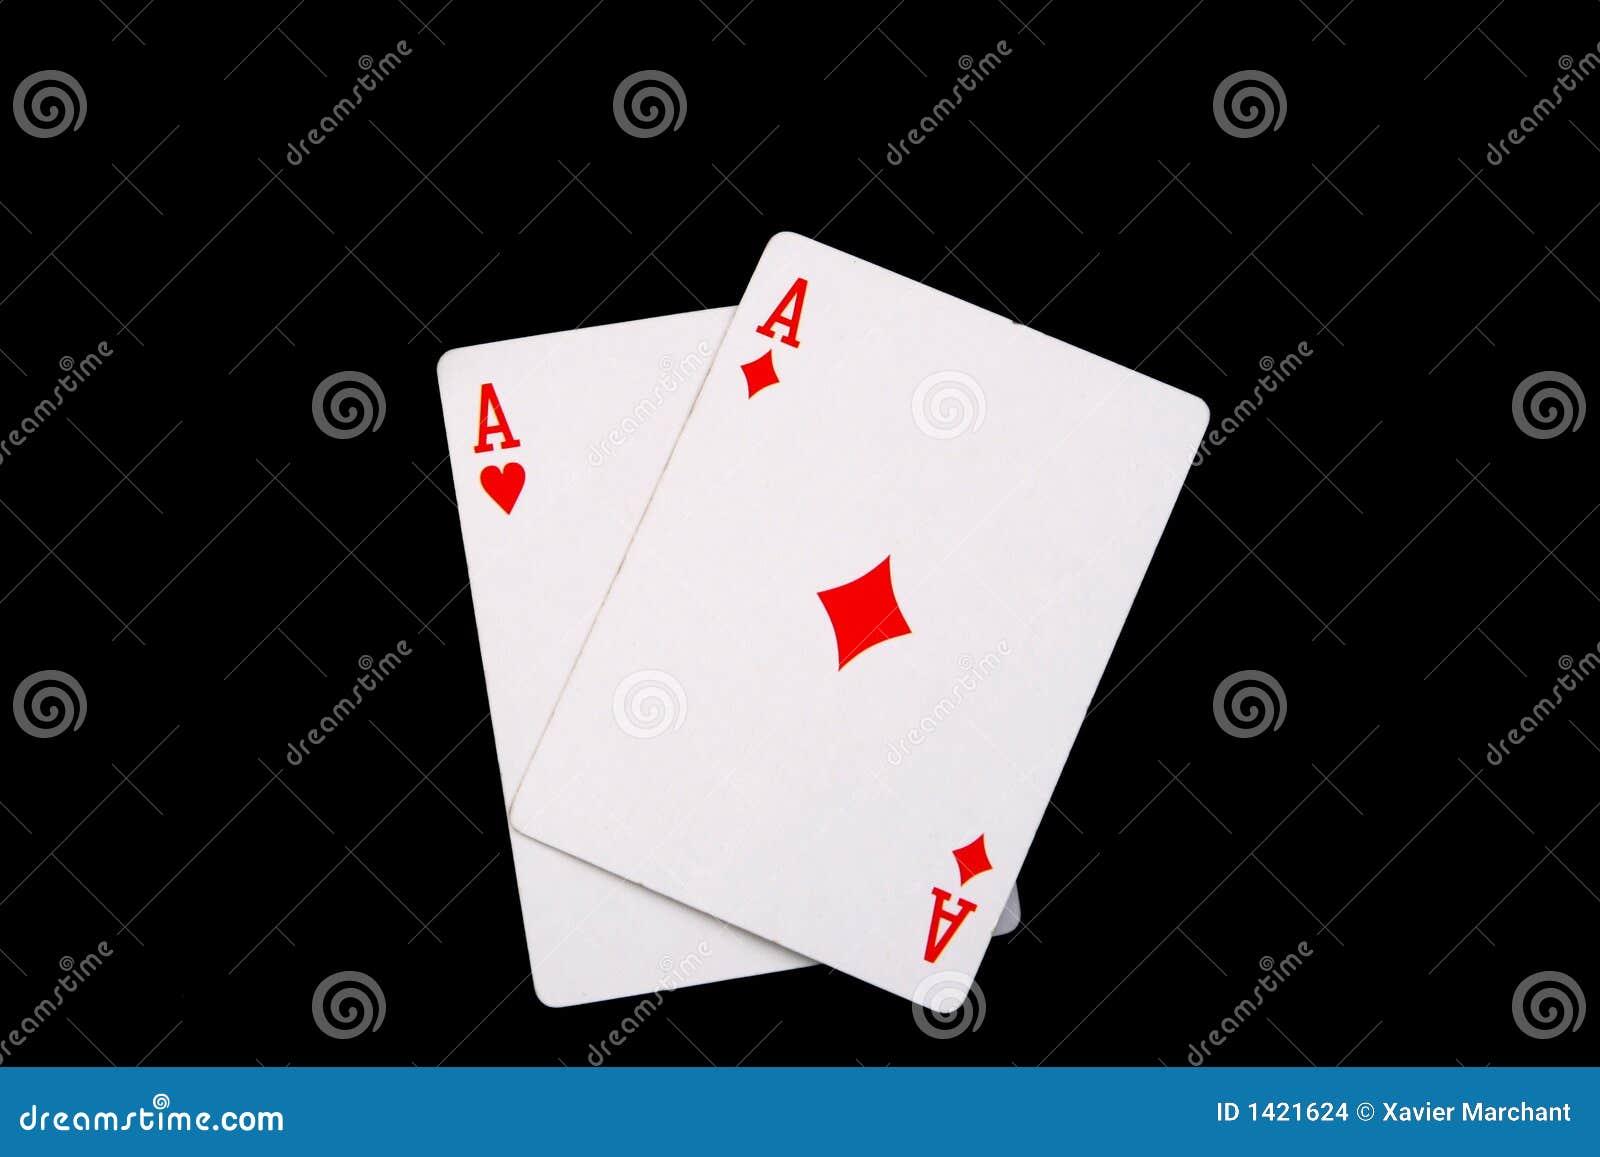 Casino aces